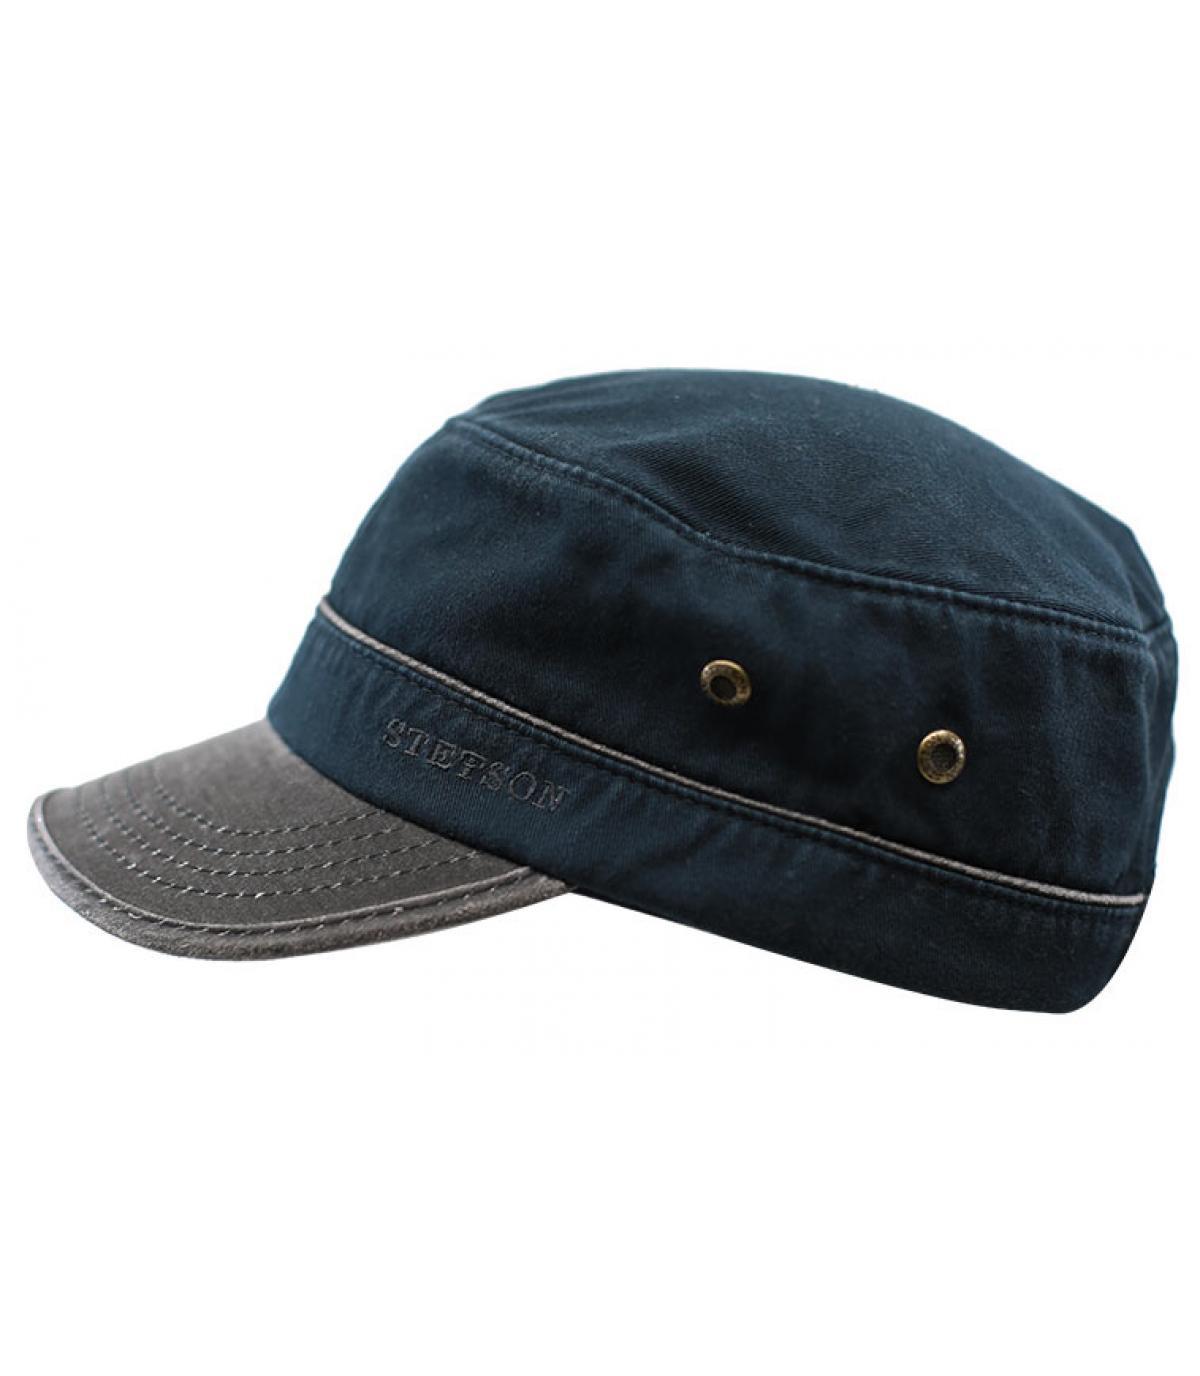 casquette army bleu marine